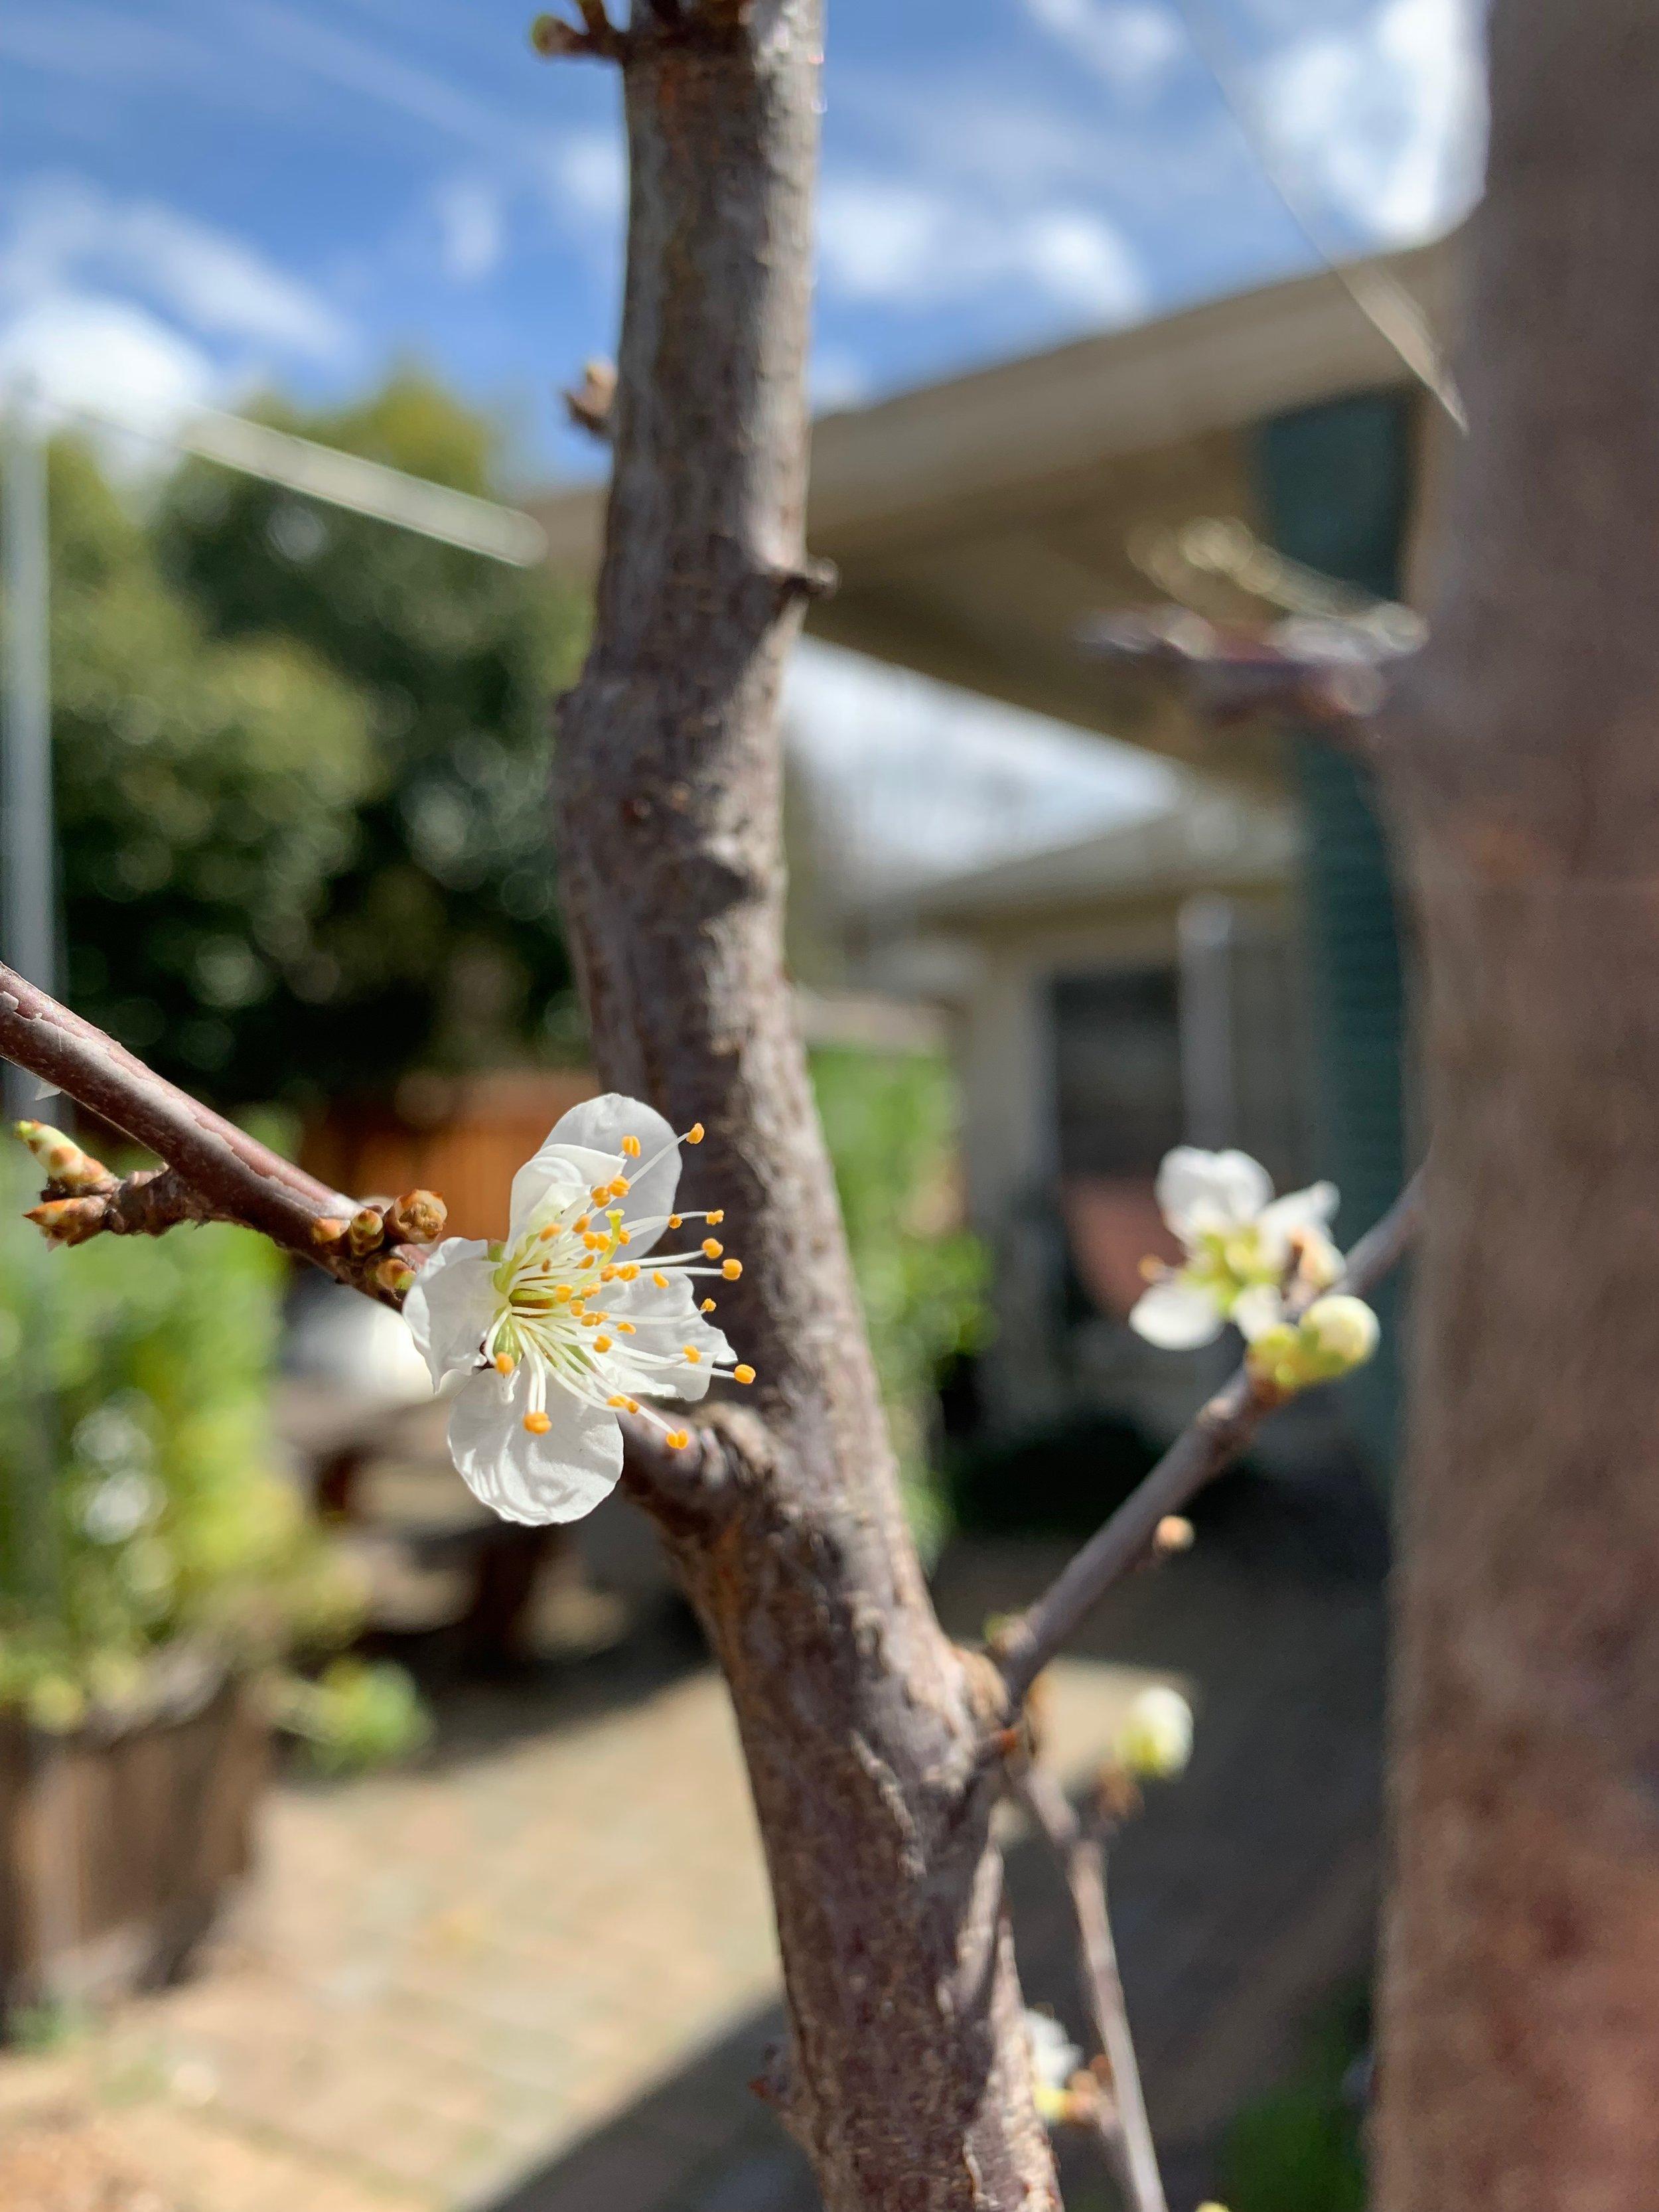 Santa Rosa plum